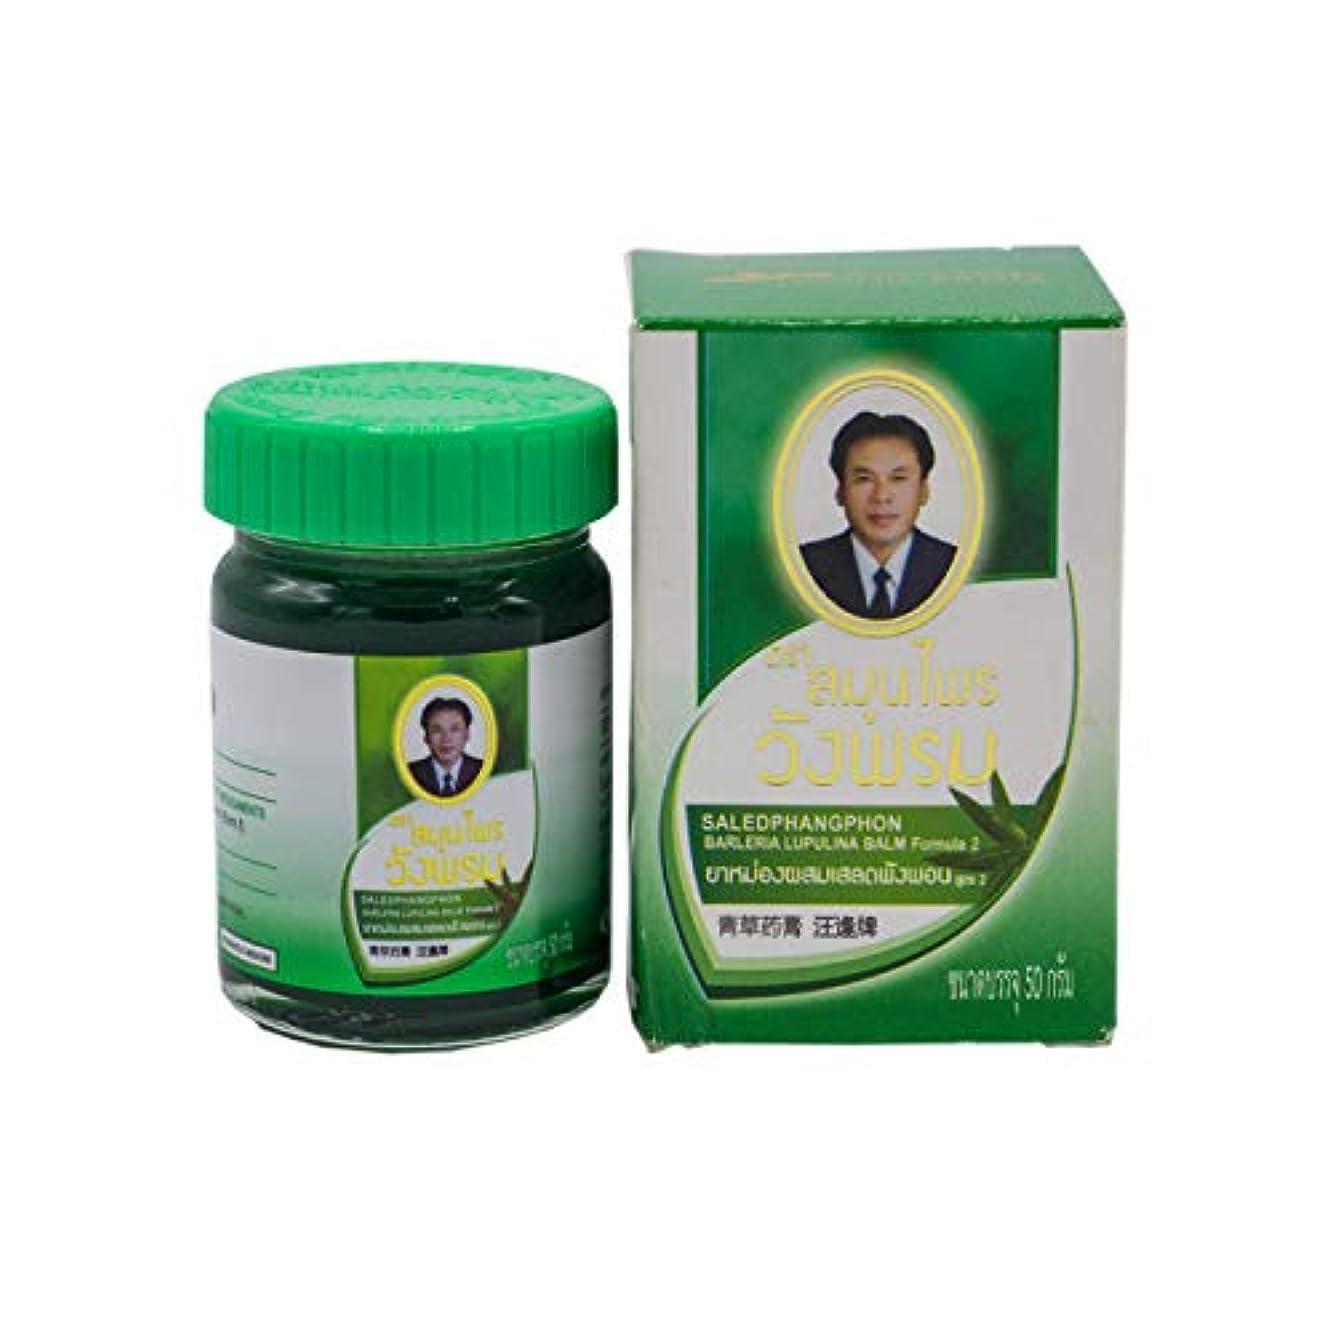 かなりのアナウンサー重要な役割を果たす、中心的な手段となる50G.Wangphrom Thai Herbal Balm Massage Body Relief Muscle Pain,Thai Herb Green Balm (COOL) size 50 gram..(2 pc.)